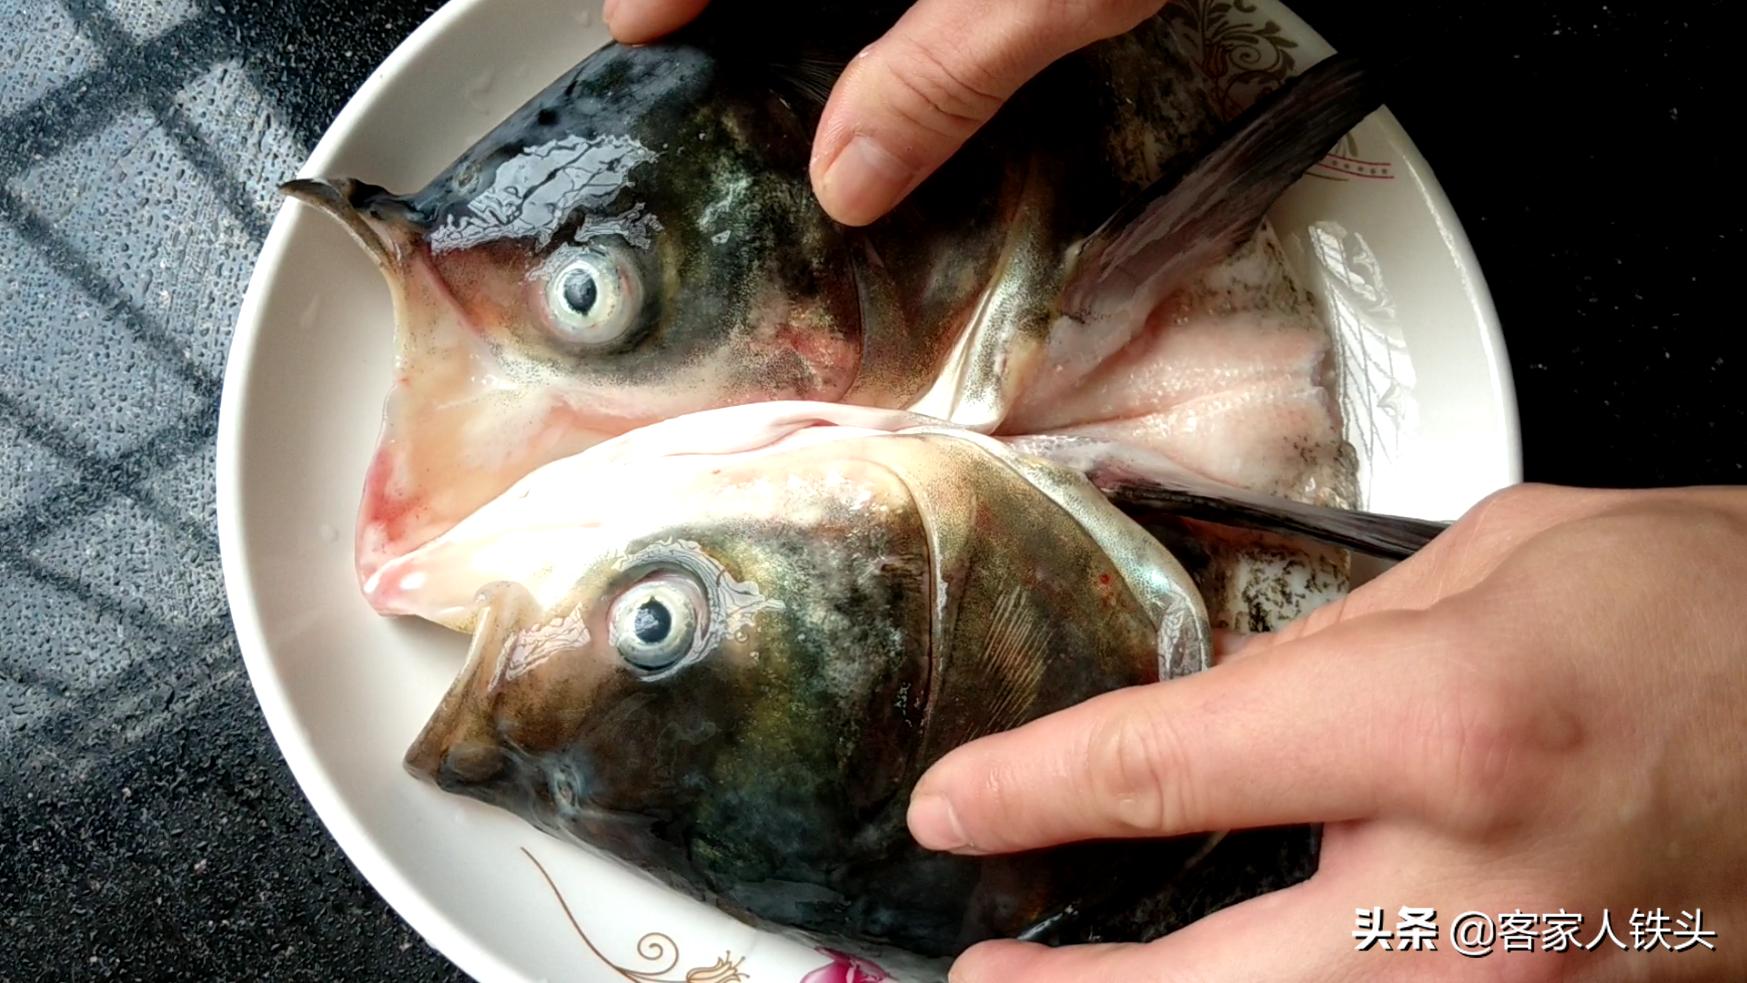 魚頭除了剁椒還可以加什麼做? 試試客家一個吃法,香嫩好吃超簡單